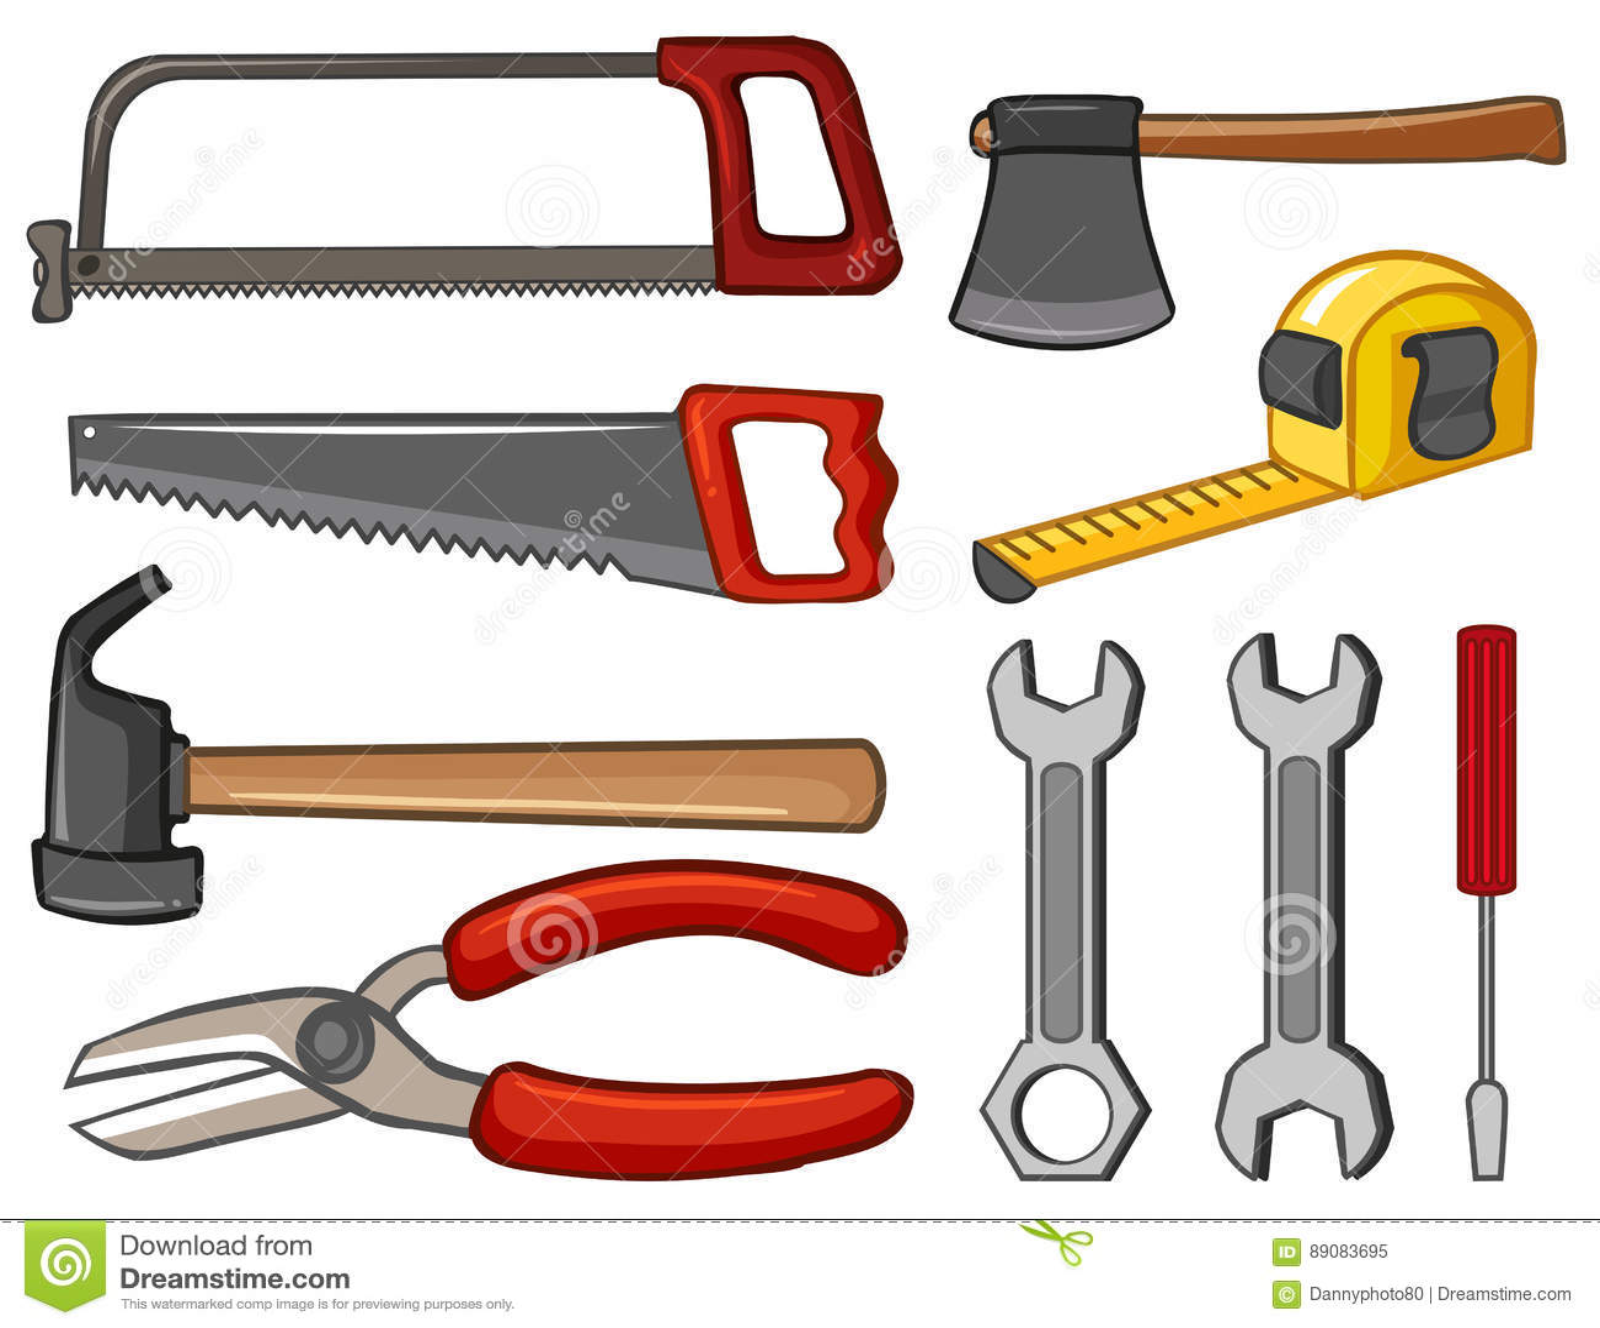 Diversos tipos de herramientas de mano ilustraci n del - Herramientas de mano ...